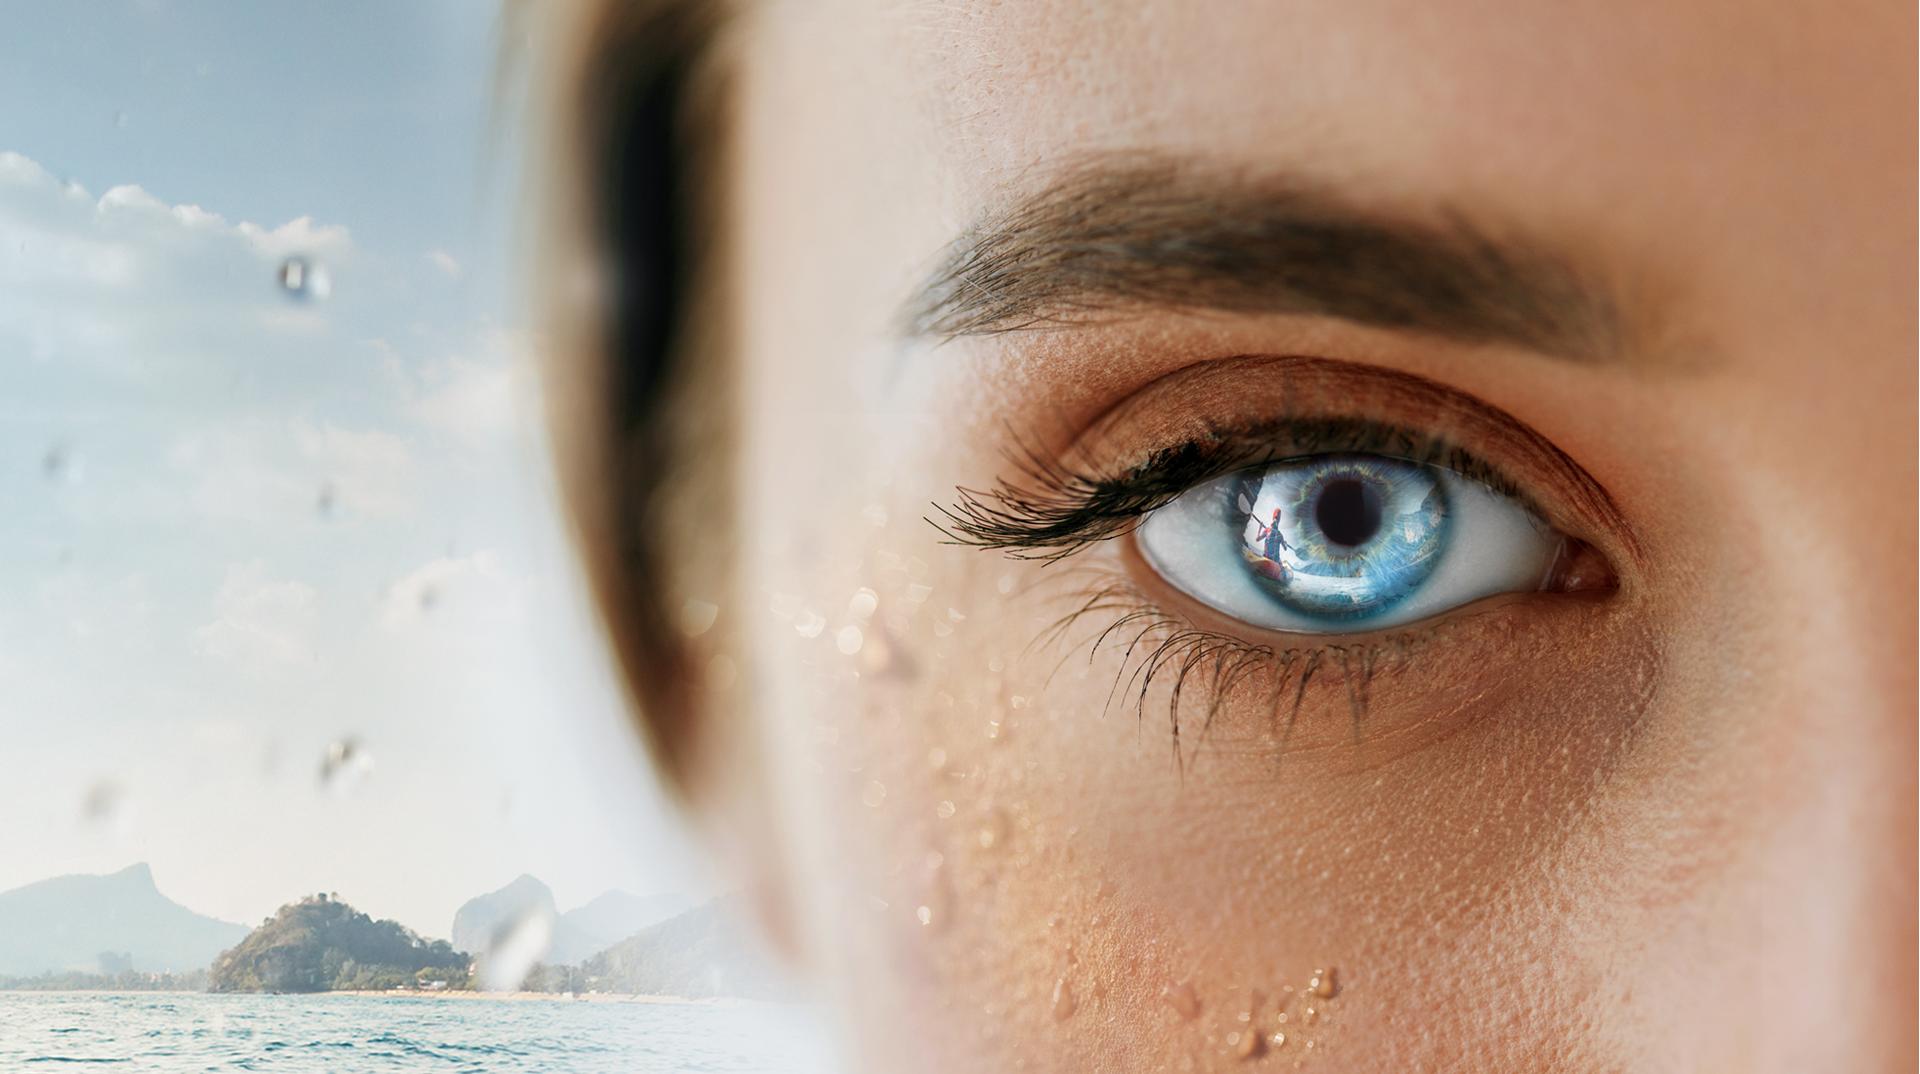 AugenCentrum Bayreuth: Lichtreflexion eines Ruderers im Auge einer jungen Frau